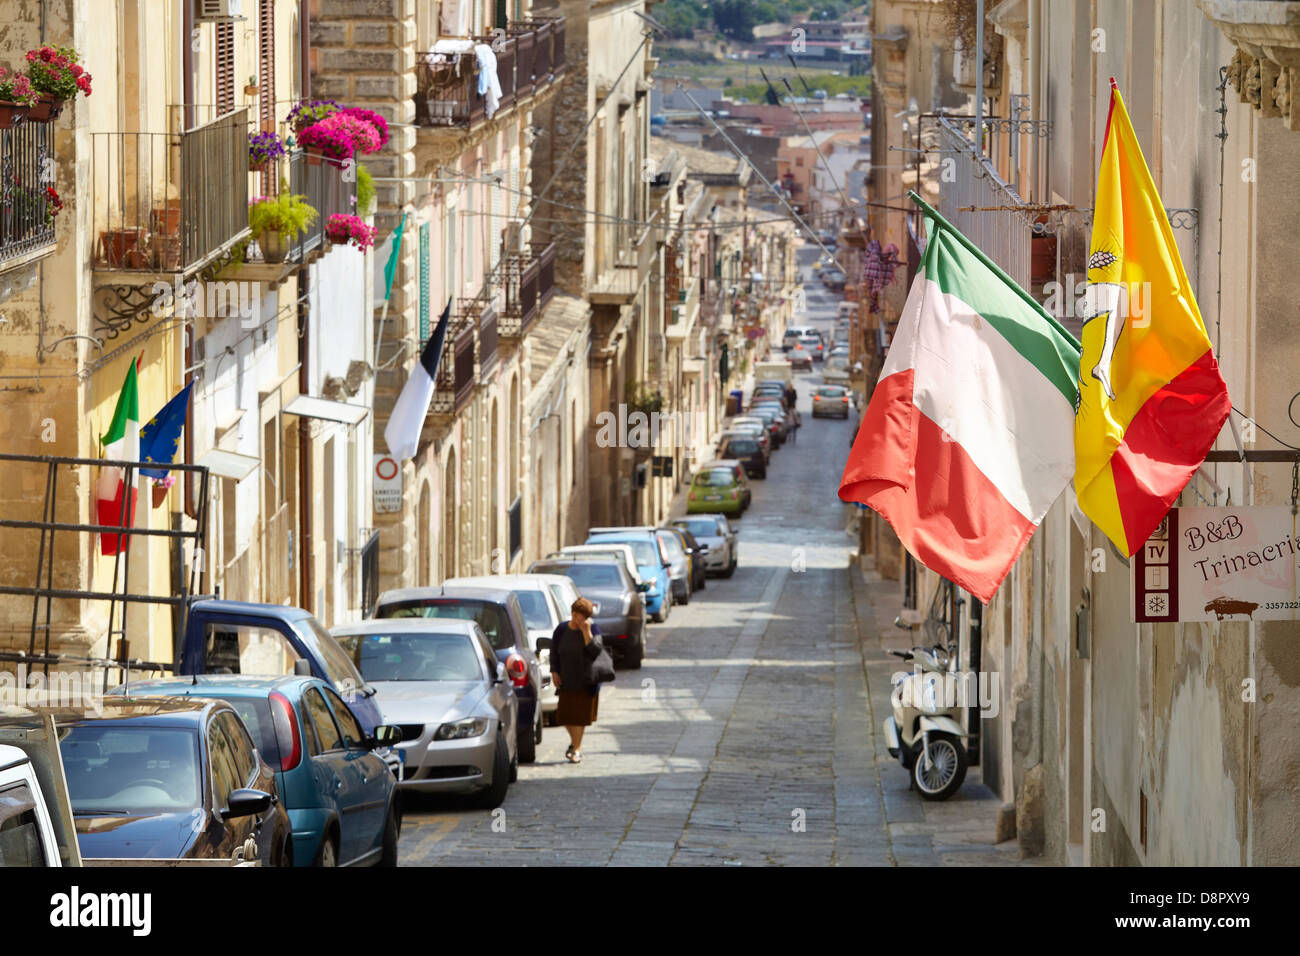 Drapeau sicilien et italien sur la rue de la ville de Noto, en Sicile, Italie l'UNESCO Photo Stock